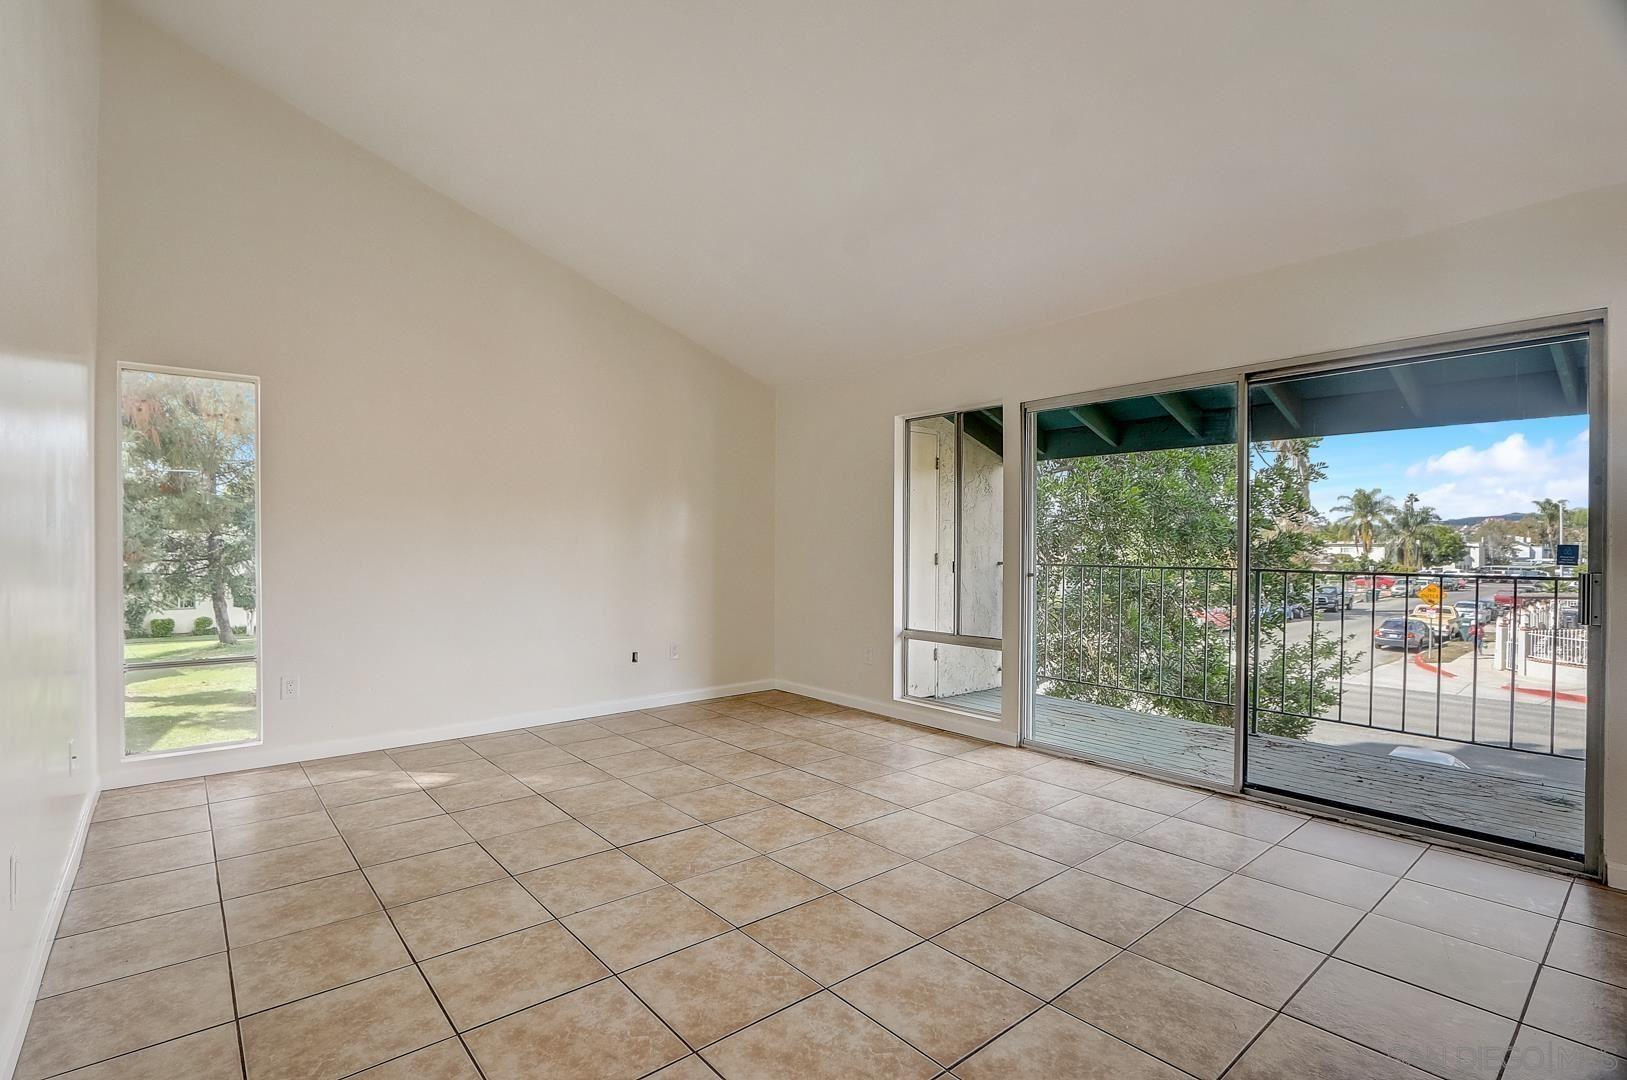 Photo of 1817 E Grand Ave #2, Escondido, CA 92027 (MLS # 210029728)